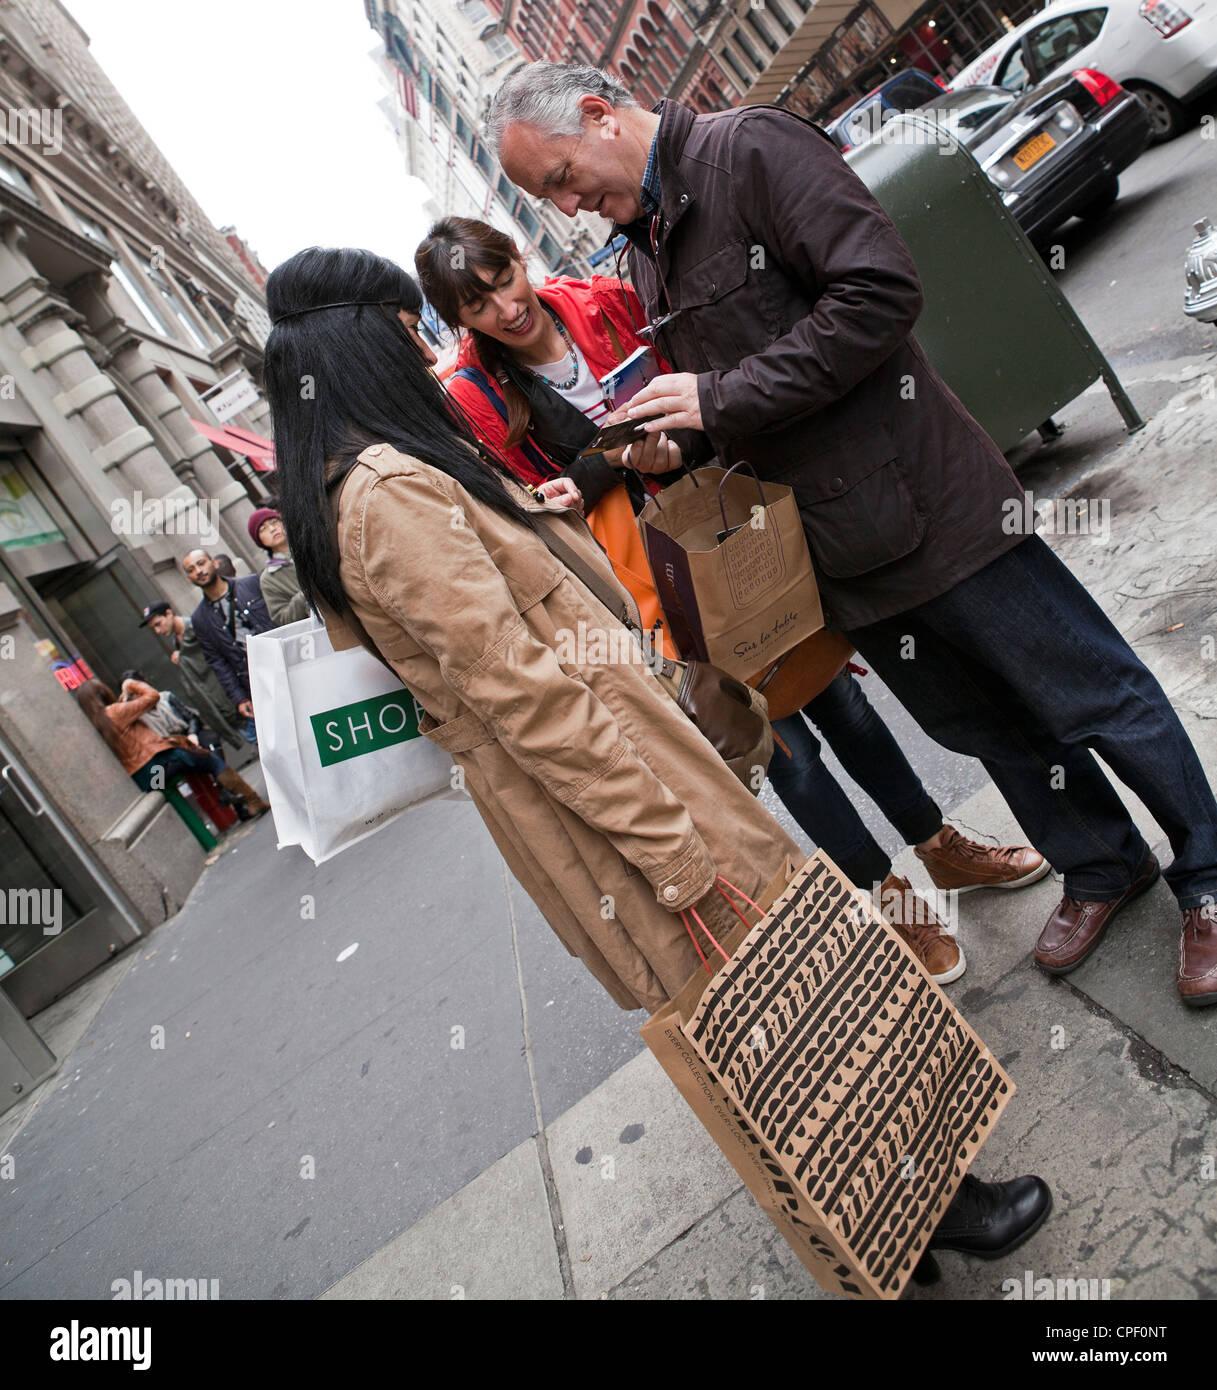 Un homme montre ses compagnons ses achats dans la ville de New York. Photo Stock